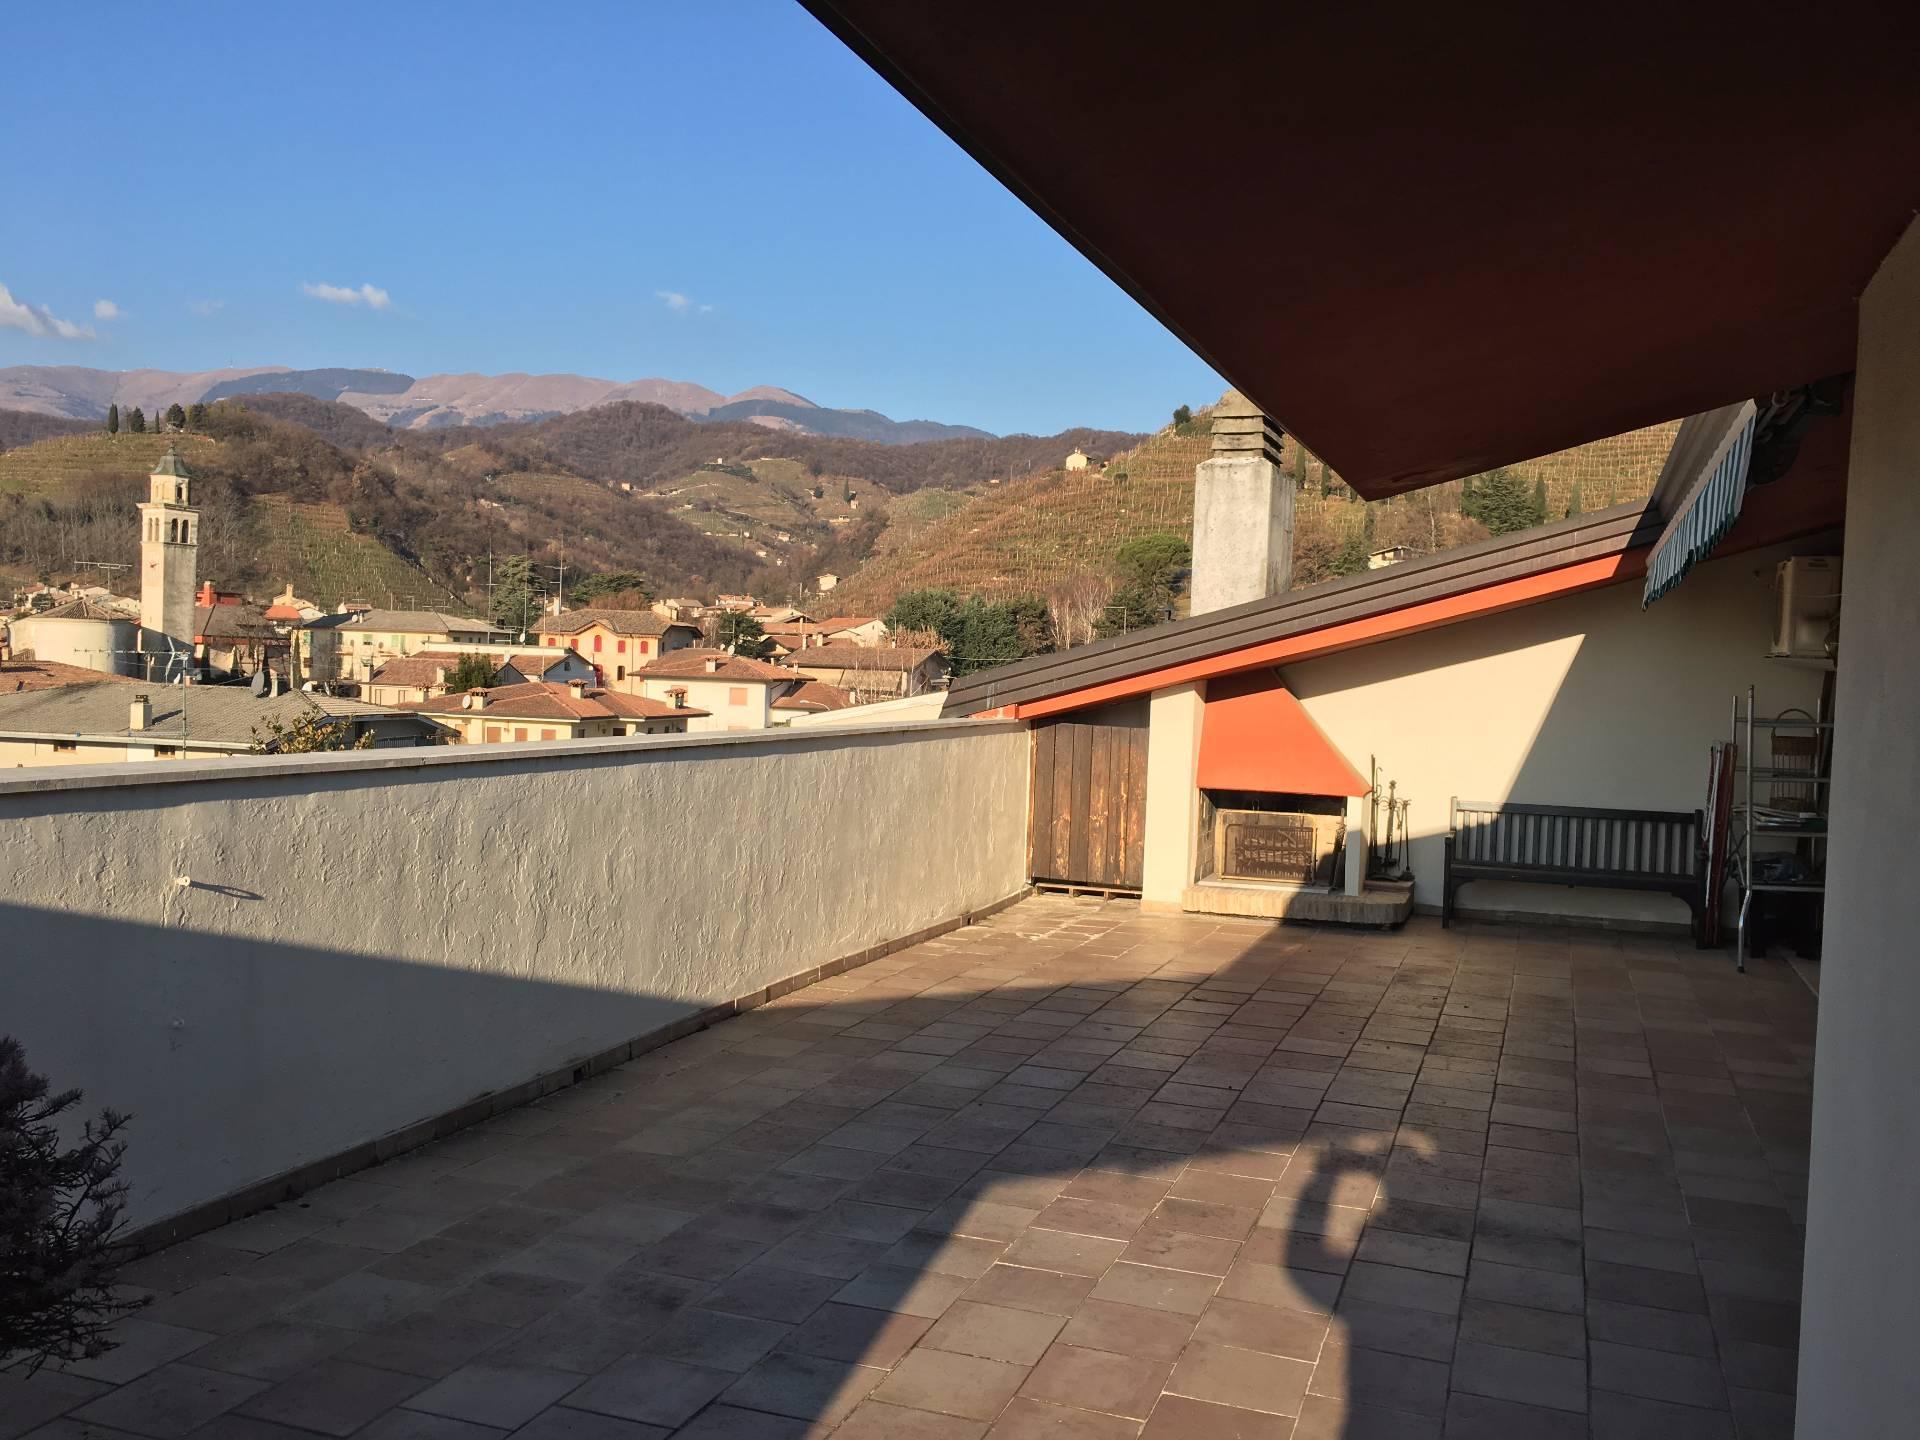 Attico / Mansarda in vendita a Farra di Soligo, 7 locali, prezzo € 80.000 | Cambio Casa.it